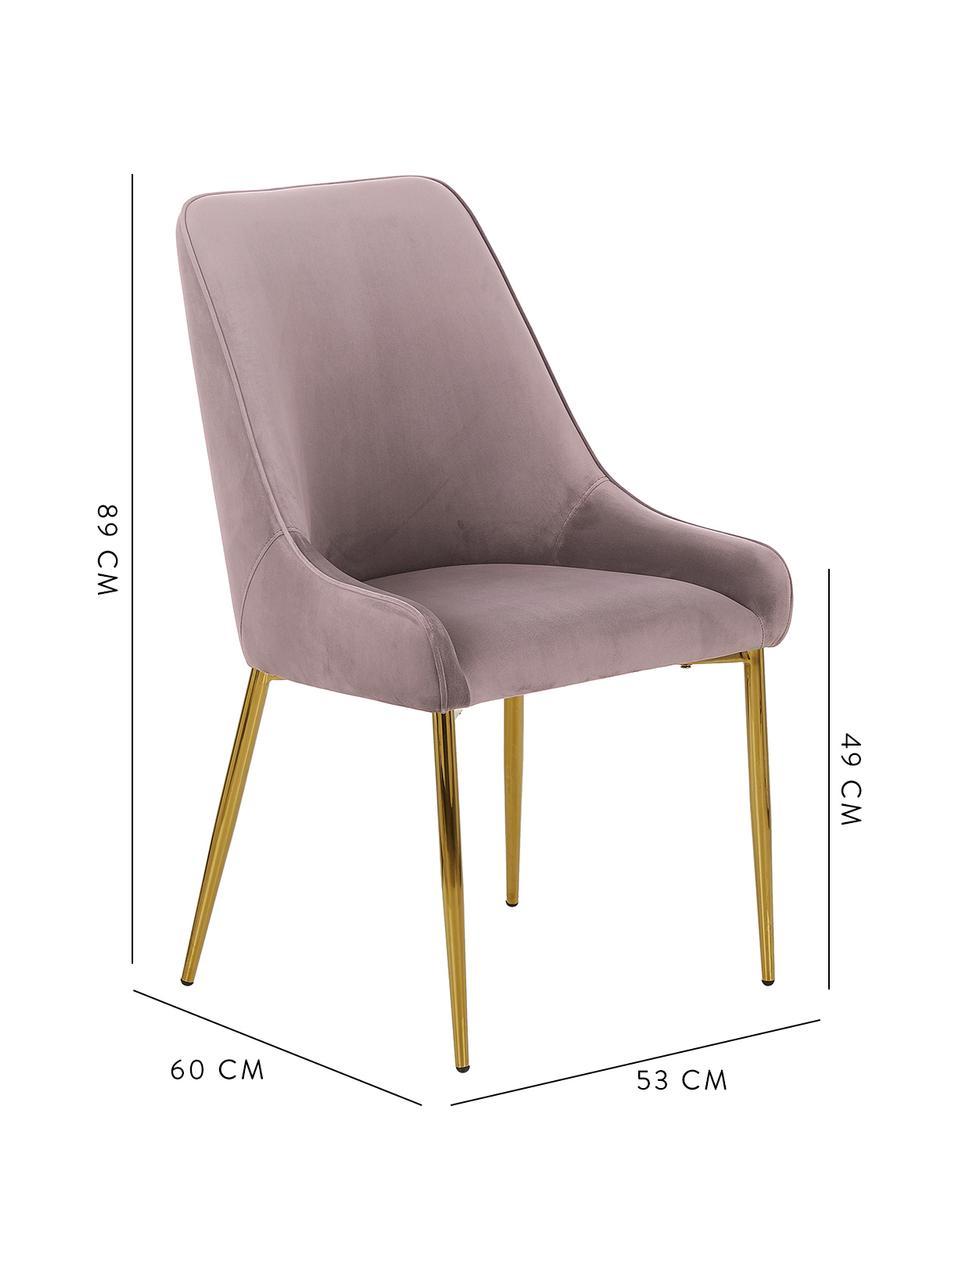 Fluwelen stoel Ava met goudkleurige poten, Bekleding: fluweel (100% polyester), Poten: gegalvaniseerd metaal, Fluweel mauve, B 55 x D 60 cm